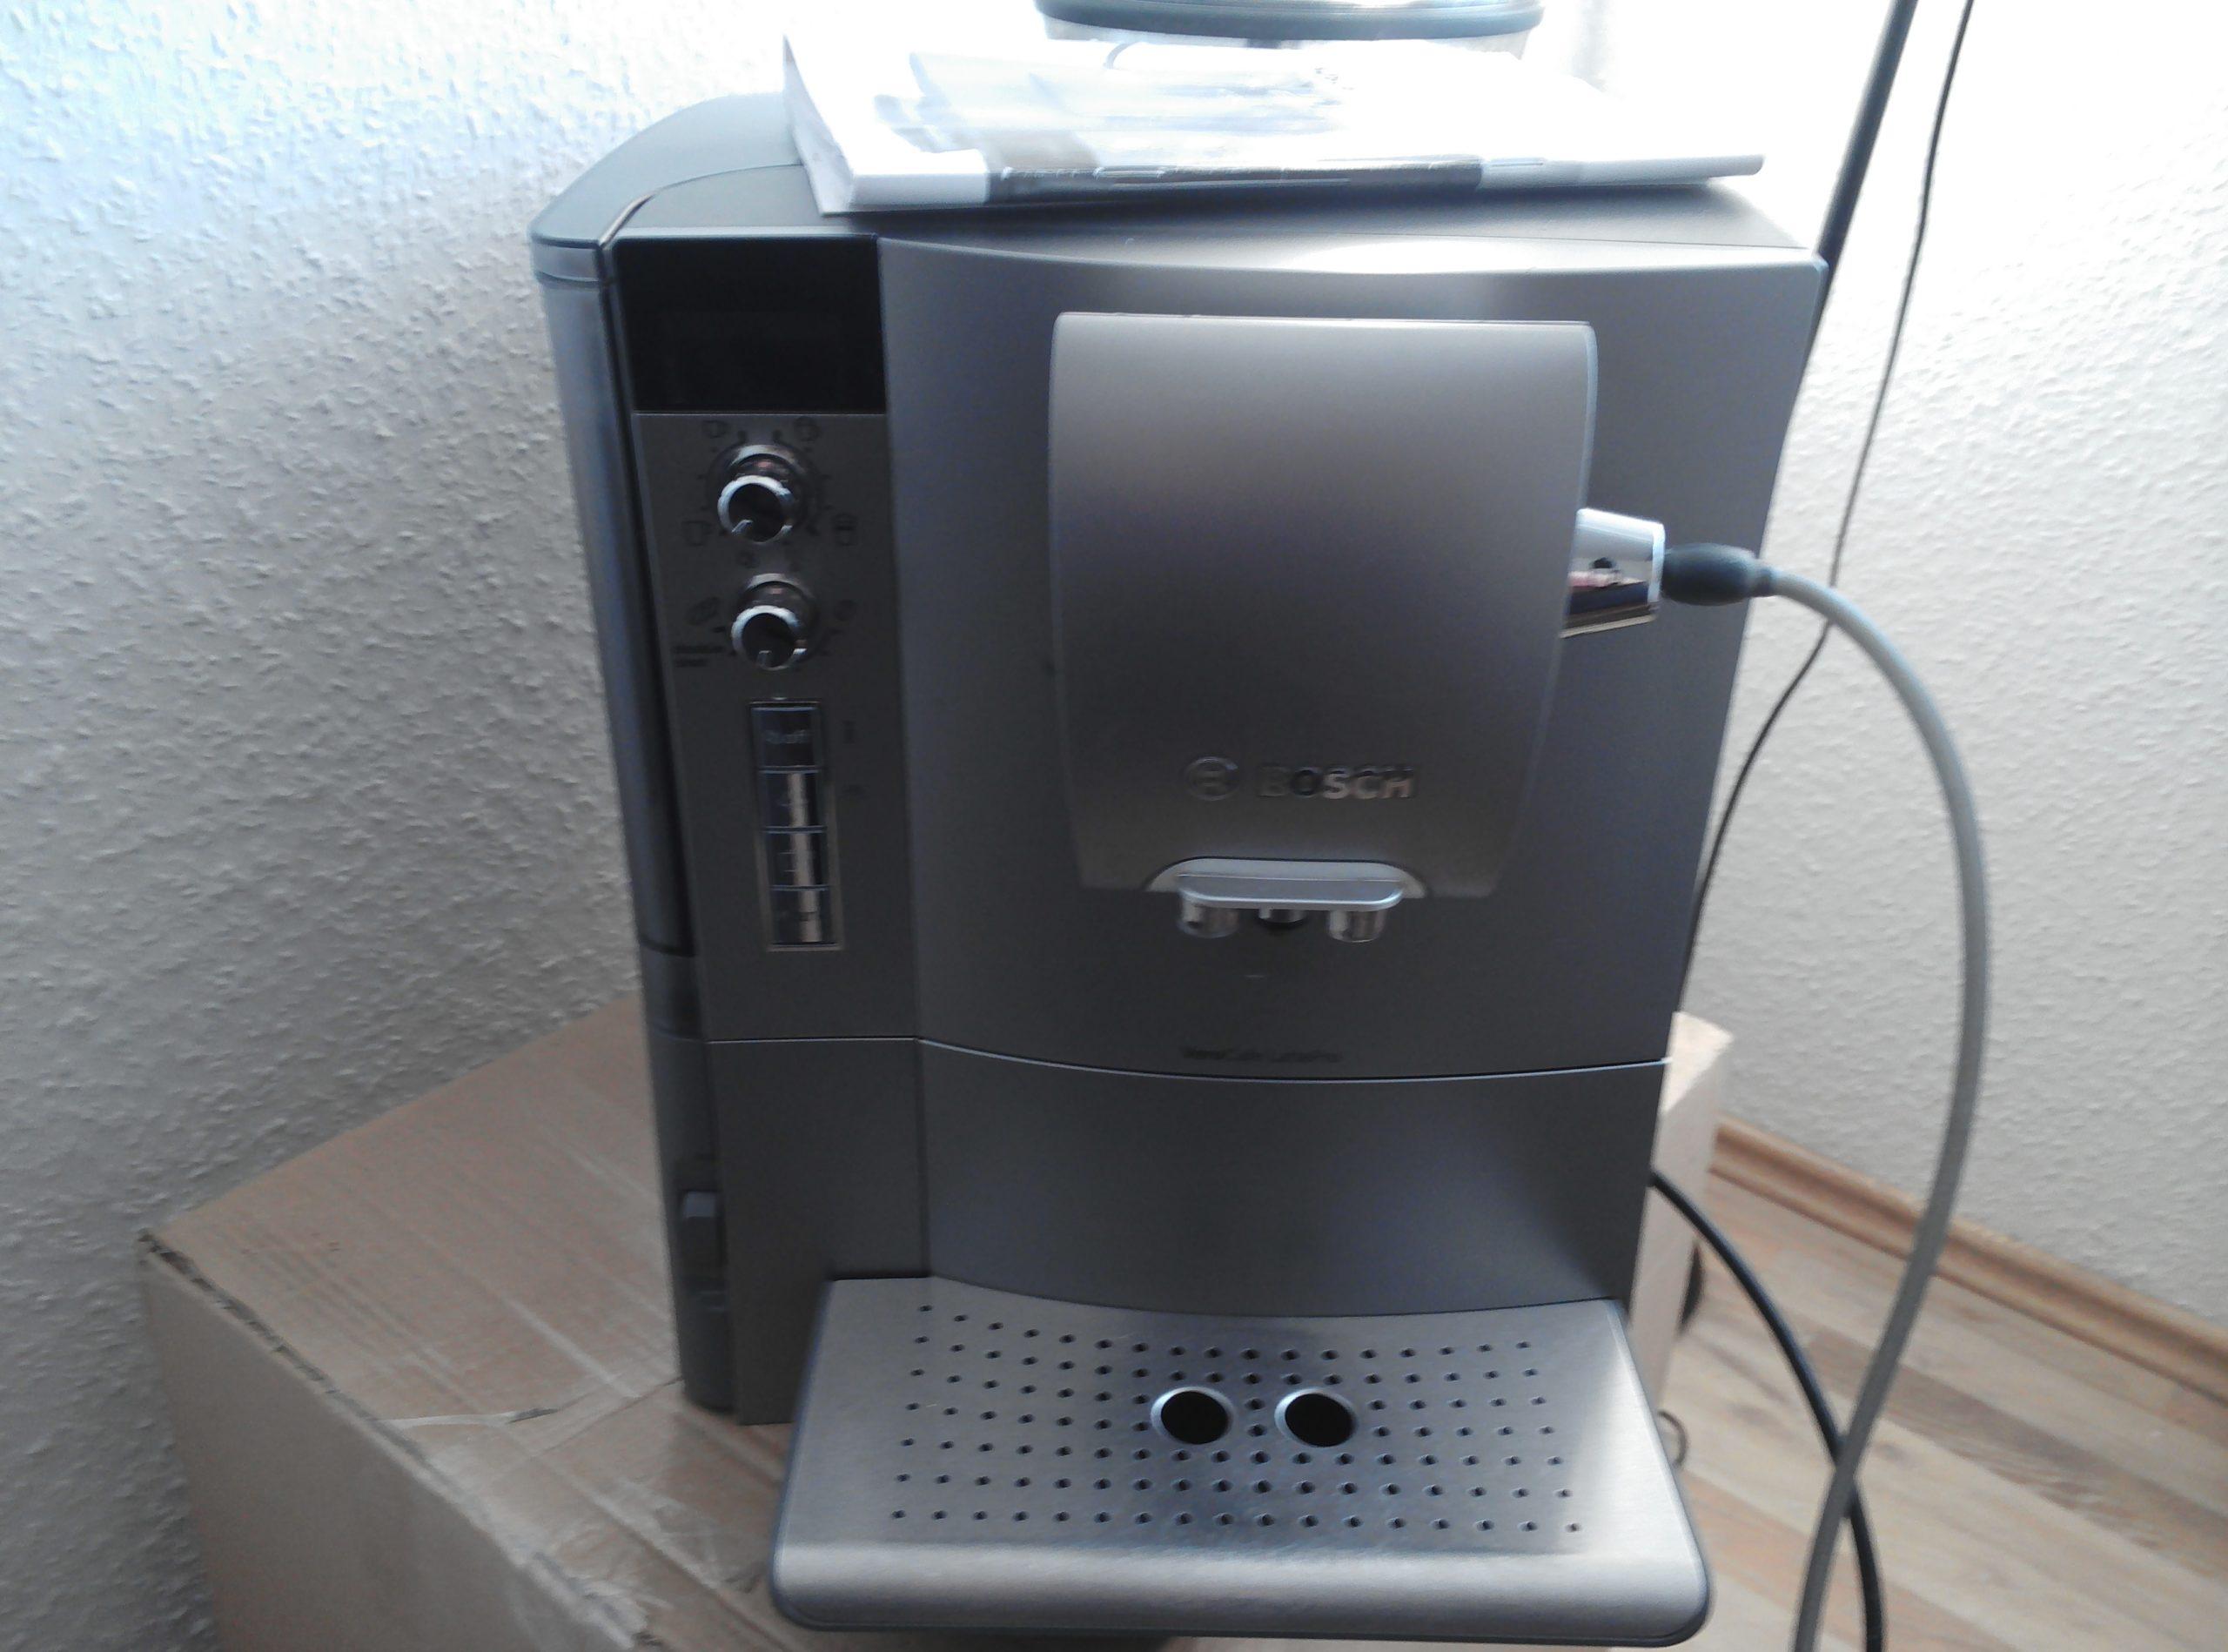 Bosch VeroCafe Lattepro, Wasser läuft  in die Auffangschale.